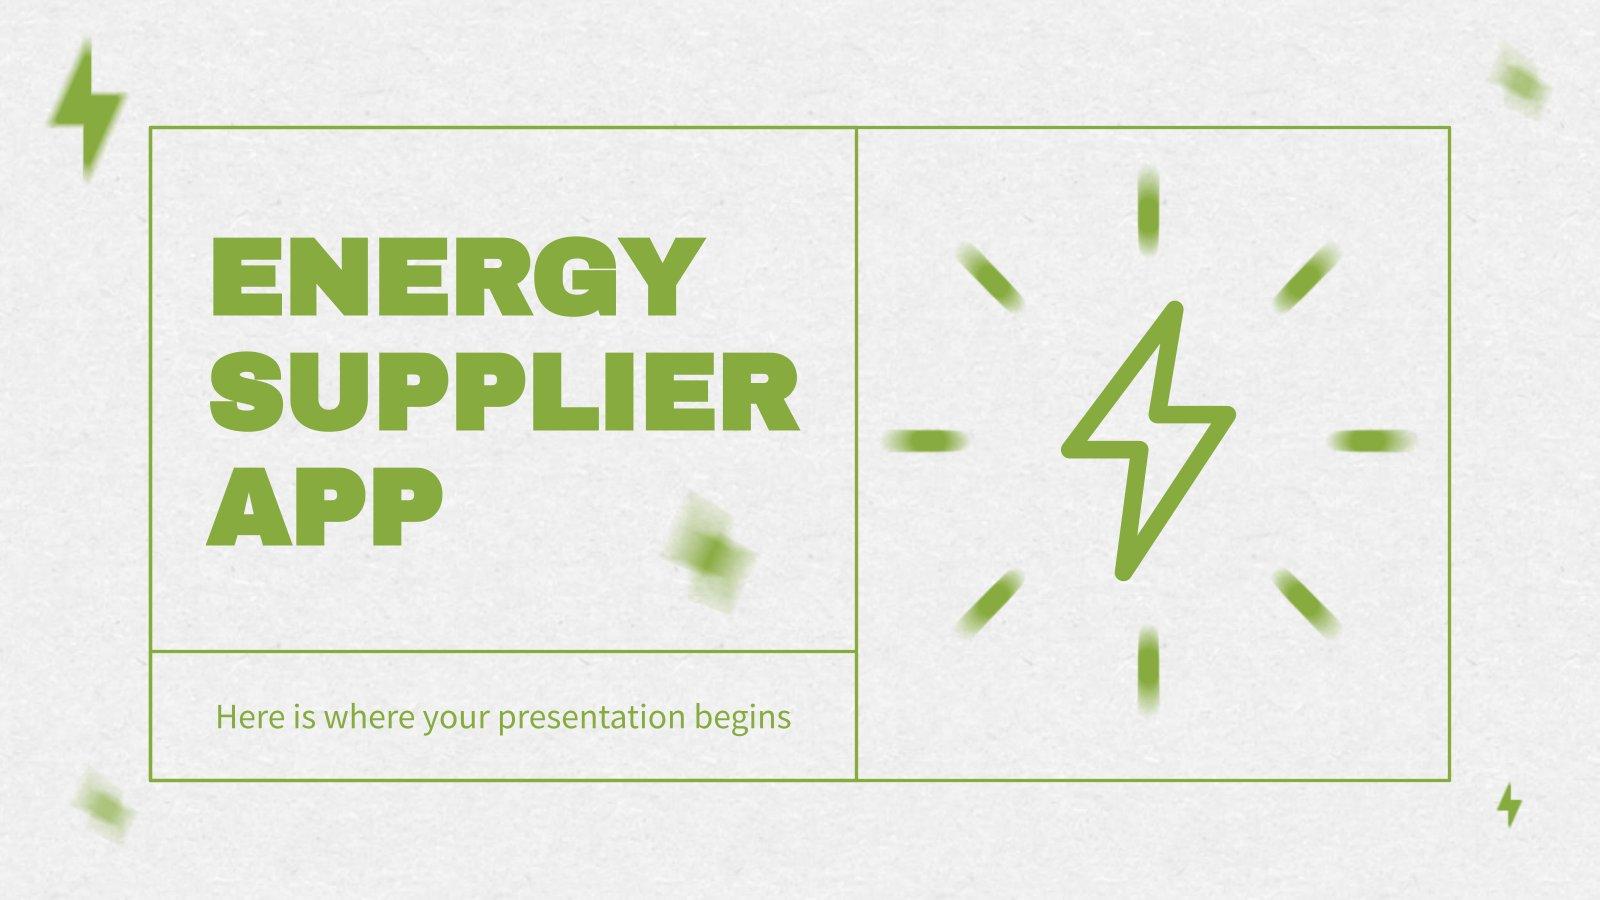 Modelo de apresentação App do fornecedor de energia